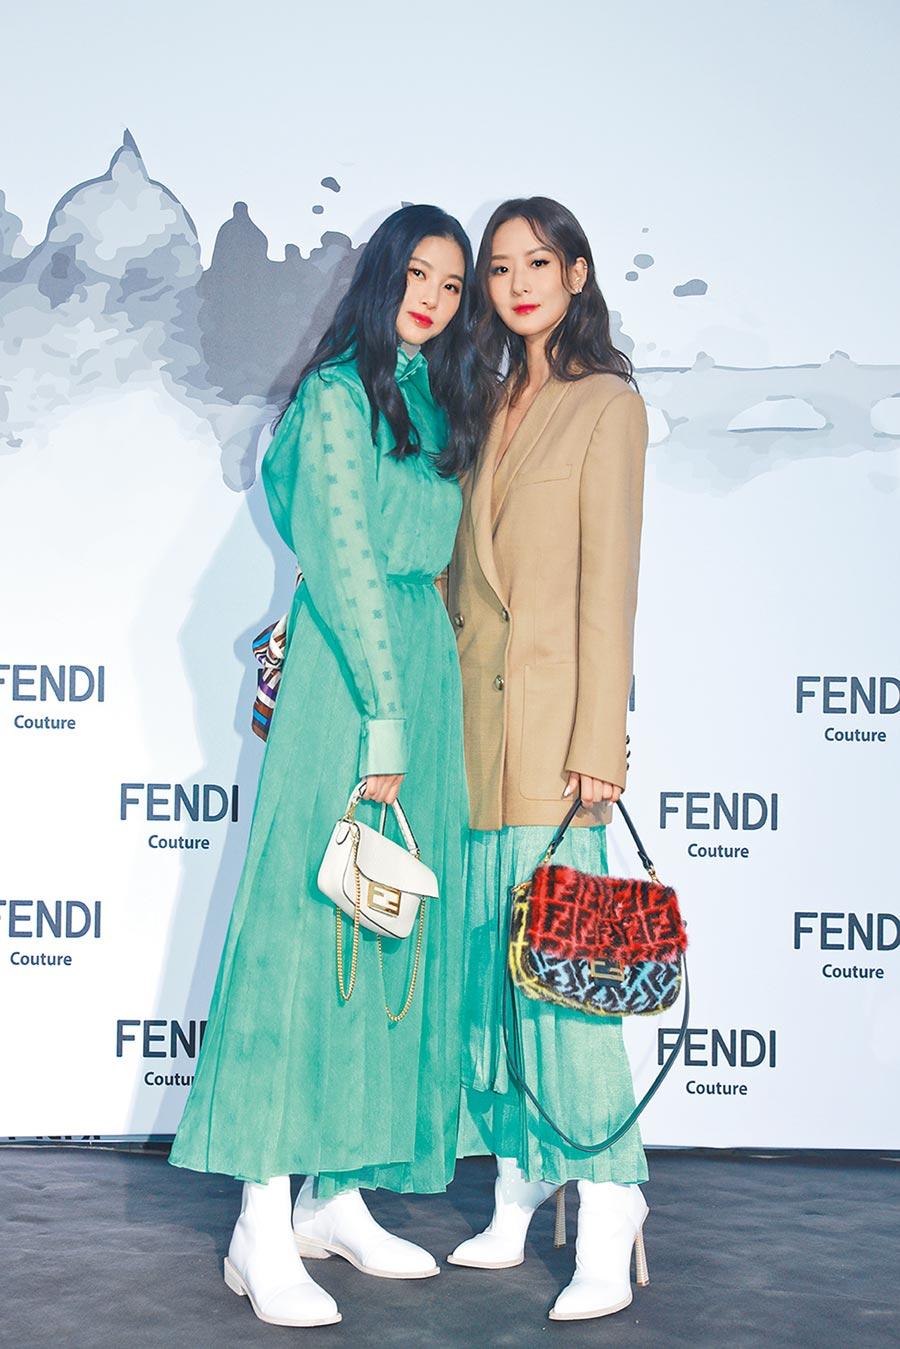 孫芸芸(右)與姊姊孫瑩瑩一起穿上綠色系裙裝,赴羅馬參加FENDI的2019秋冬高級訂製服大秀。(Fendi提供)